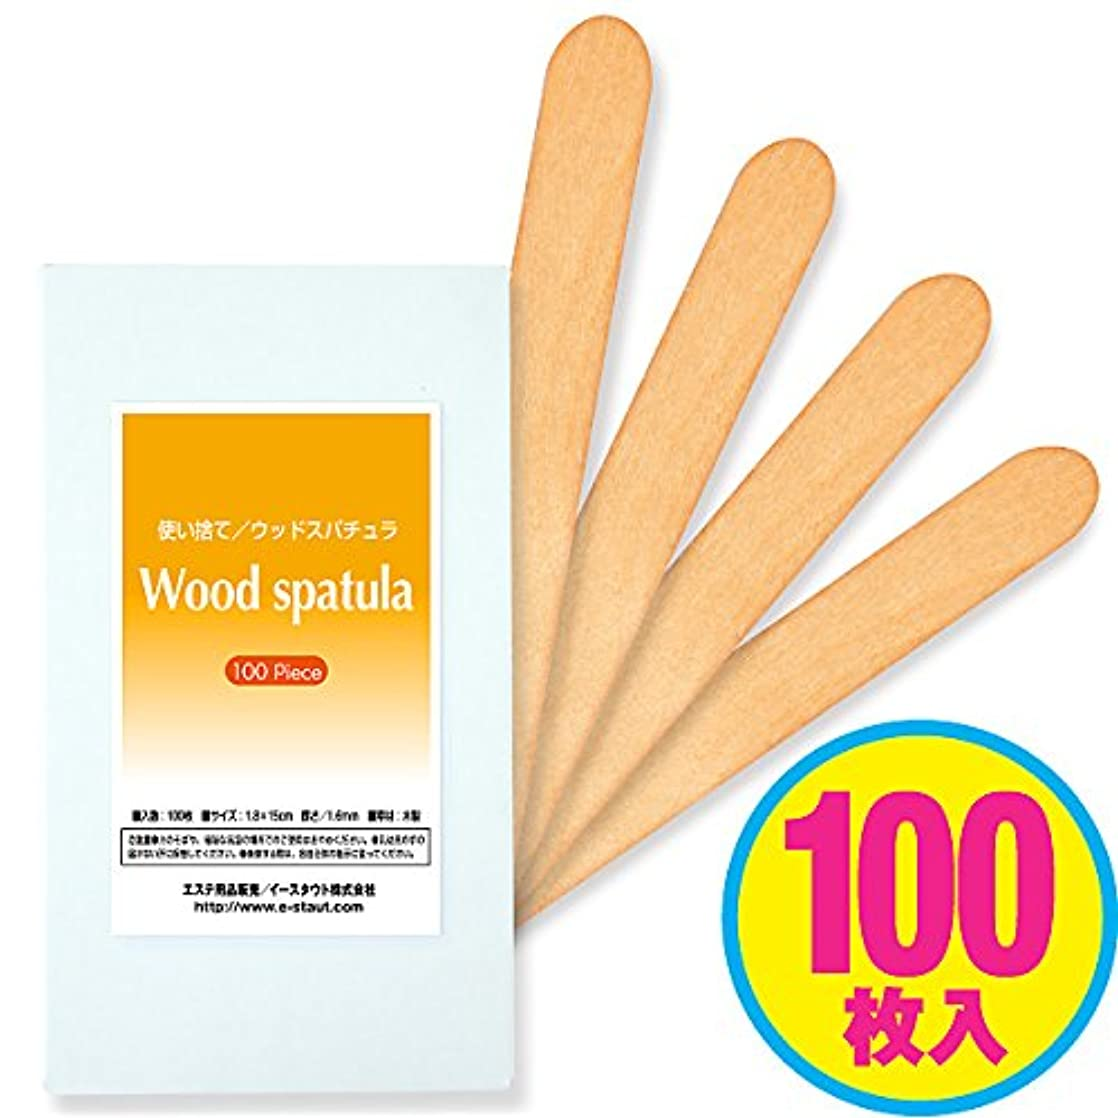 使い捨て【木ベラ/ウッドスパチュラ】(業務用100枚入り)/WAX脱毛等や舌厚子にも